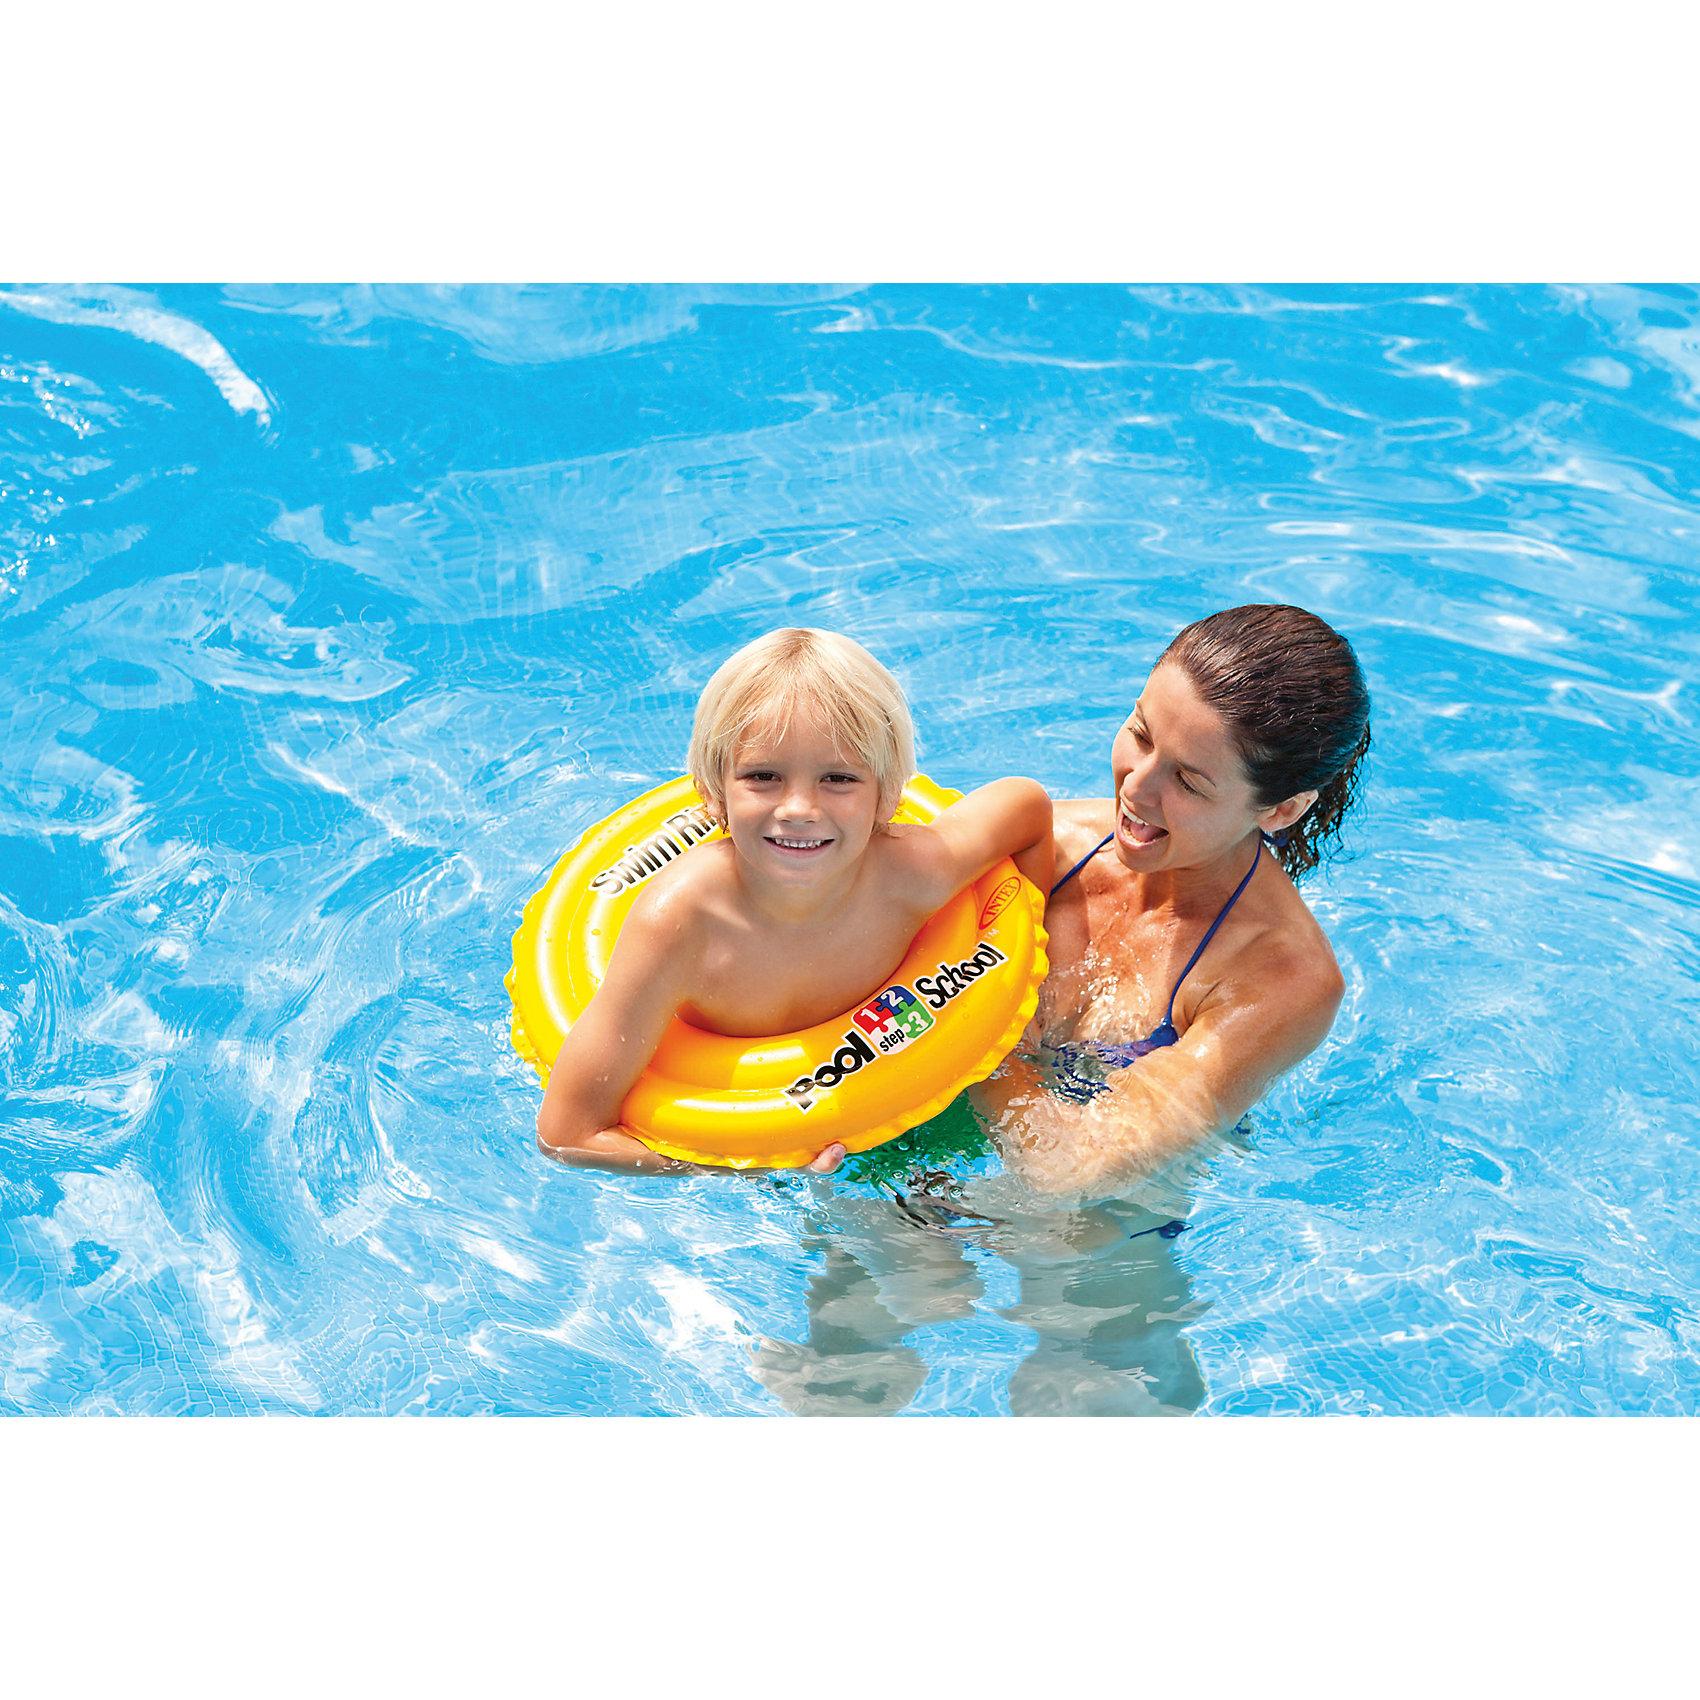 Круг Pool School step-2, 51 см, IntexКруг Pool School step - 2, 51 см, Intex (Интекс) входит в серию для обучения плаванию. Если Вашему ребенку уже скучно в круге с трусиками, и он готов учиться плавать, то круг Pool School step - 2 - Ваш выбор. Обучение плаванию станет радостью для Вашего ребенка, ведь круг яркий и очень заметный на воде! Для большей безопасности у круга есть две воздушные камеры. Плавание оказывает мощнейшее благотворное физическое и психологическое воздействие на ребенка. В процессе плавания происходит чередование работы разных мышц, одни напрягаются – другие расслабляются, это увеличивает их работоспособность, развивает и способствует увеличению силы. Плавая с кругом Ваш малыш сделает множество открытий!<br>Весело учиться плавать с кругом Intex (Интекс)!<br><br>Дополнительная информация:<br><br>- Диаметр 51 см;<br>- Материал: высокопрочный винил 0,25 мм; <br>- Две воздушные камеры обеспечивают дополнительную безопасность при купании;<br>- Яркая расцветка;<br>- Возрастные рекомендации: от 3 до 6 лет;<br>- Цвет: Желтый; <br>- Вес: 0,18 кг<br><br>Круг Pool School step-2, 51 см, Intex (Интекс) можно купить в нашем интернет-магазине.<br><br>Ширина мм: 25<br>Глубина мм: 127<br>Высота мм: 165<br>Вес г: 141<br>Возраст от месяцев: 36<br>Возраст до месяцев: 72<br>Пол: Унисекс<br>Возраст: Детский<br>SKU: 3590771